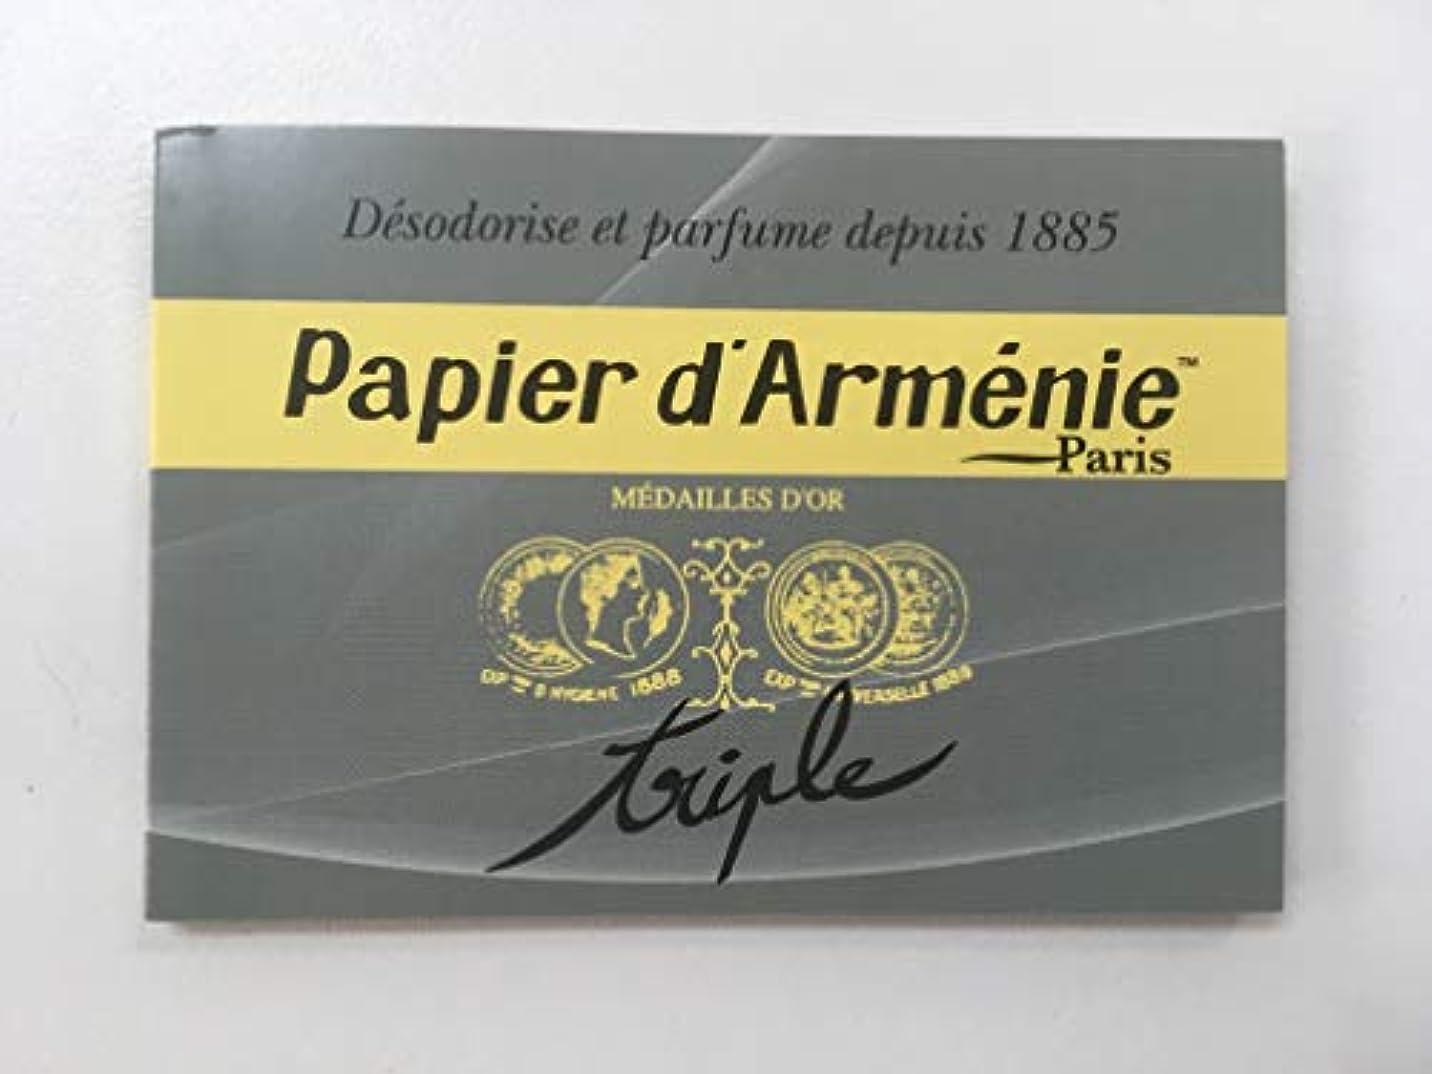 イヤホン臭い遮るパピエダルメニイ 空気を浄化する紙のお香パピエダルメニイ トリプル ヨーロッパ雑貨